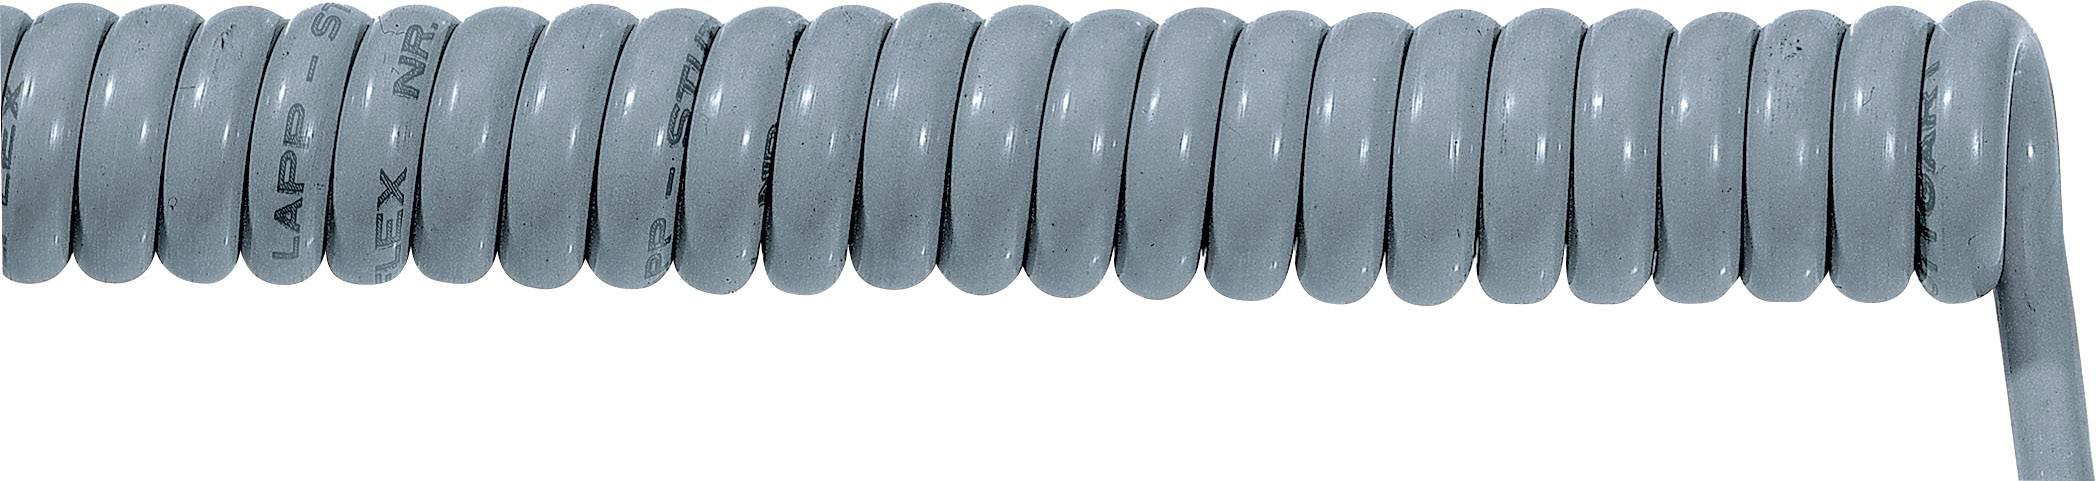 Špirálový kábel 70002623 ÖLFLEX® SPIRAL 400 P 2 x 0.75 mm², 1000 mm / 3000 mm, sivá